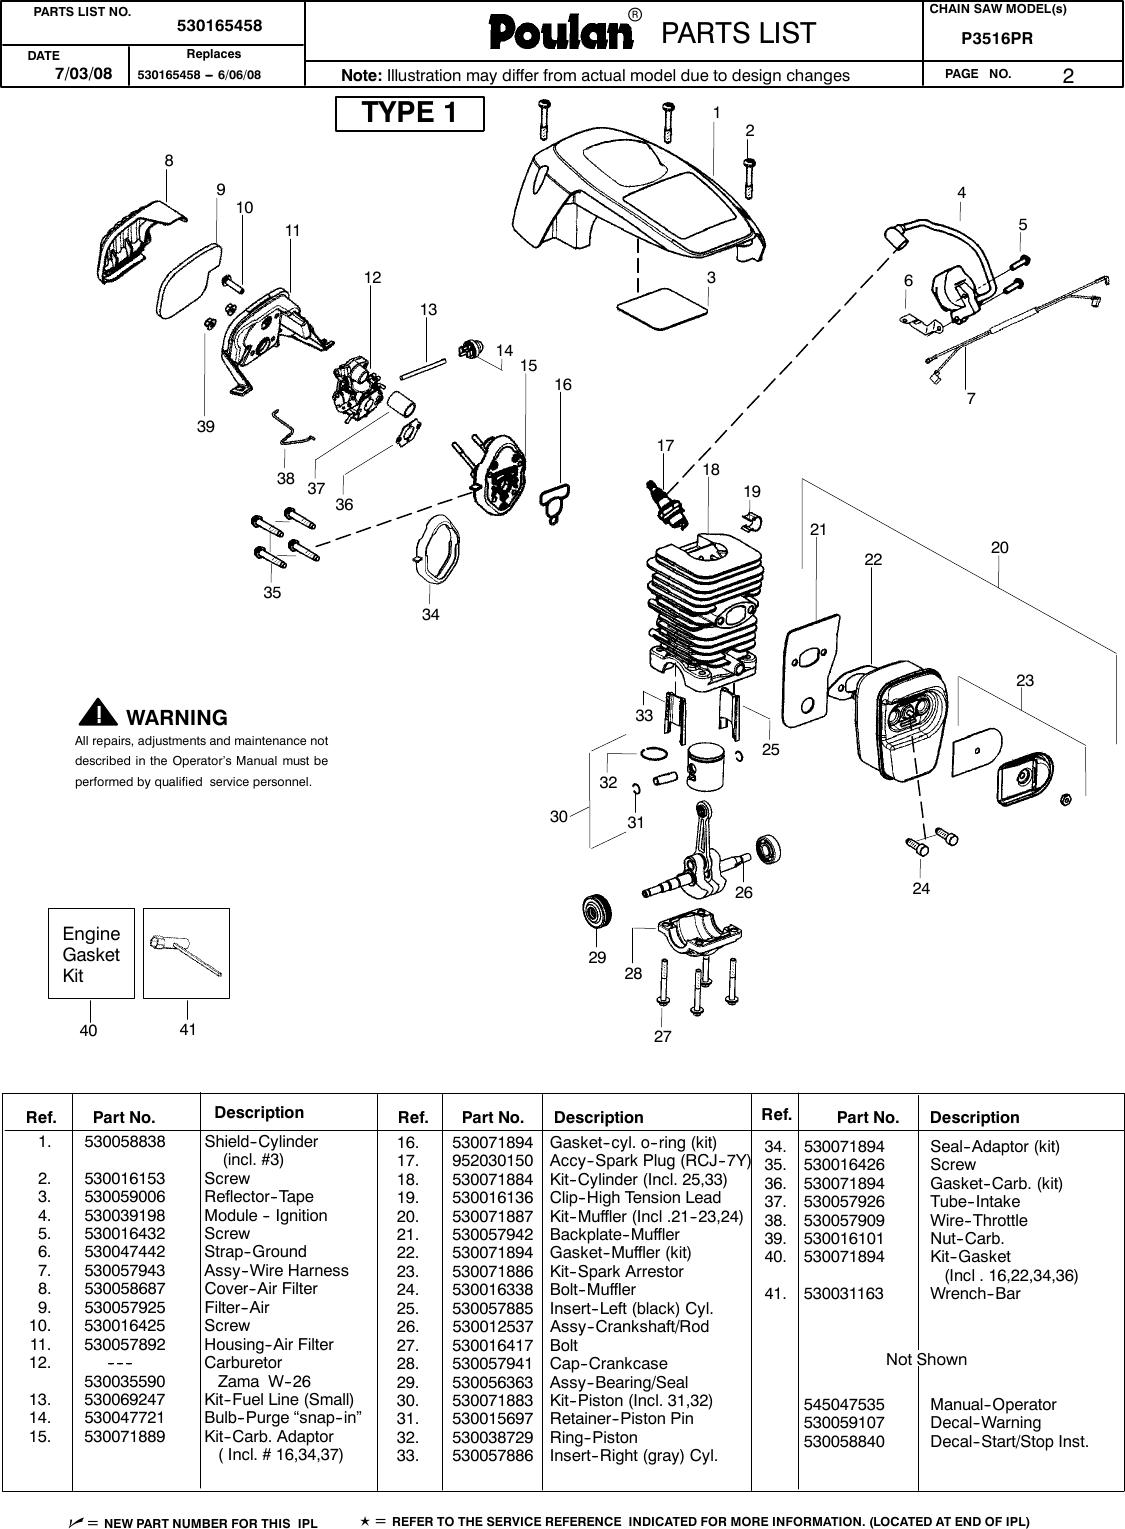 Poulan Repair Manual